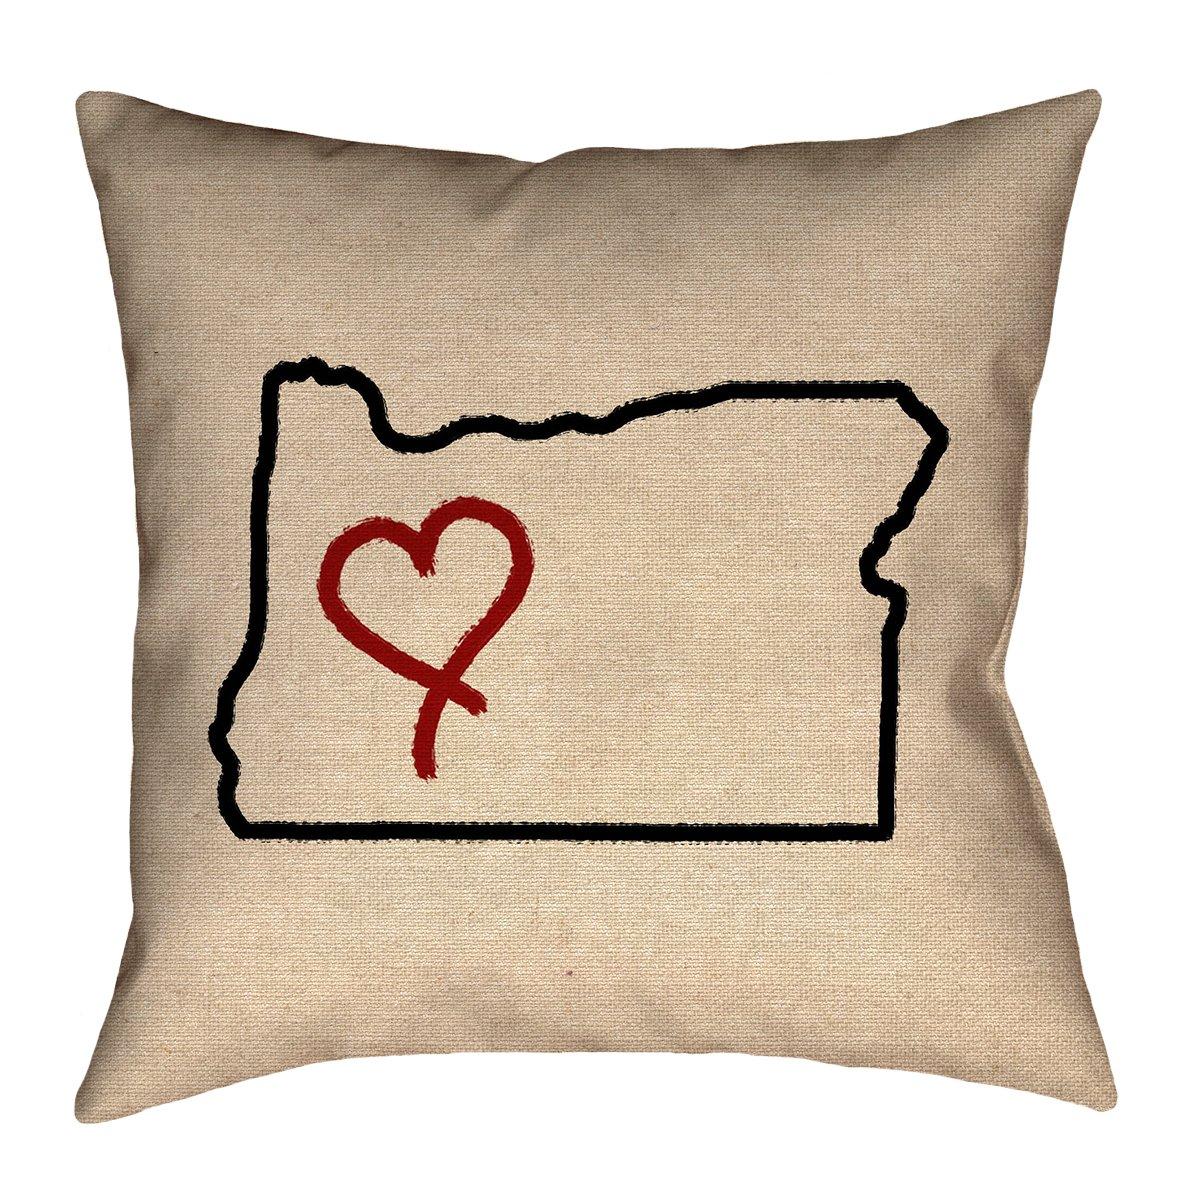 ArtVerse Katelyn Smith 18 x 18 Spun Polyester Oregon Love Pillow